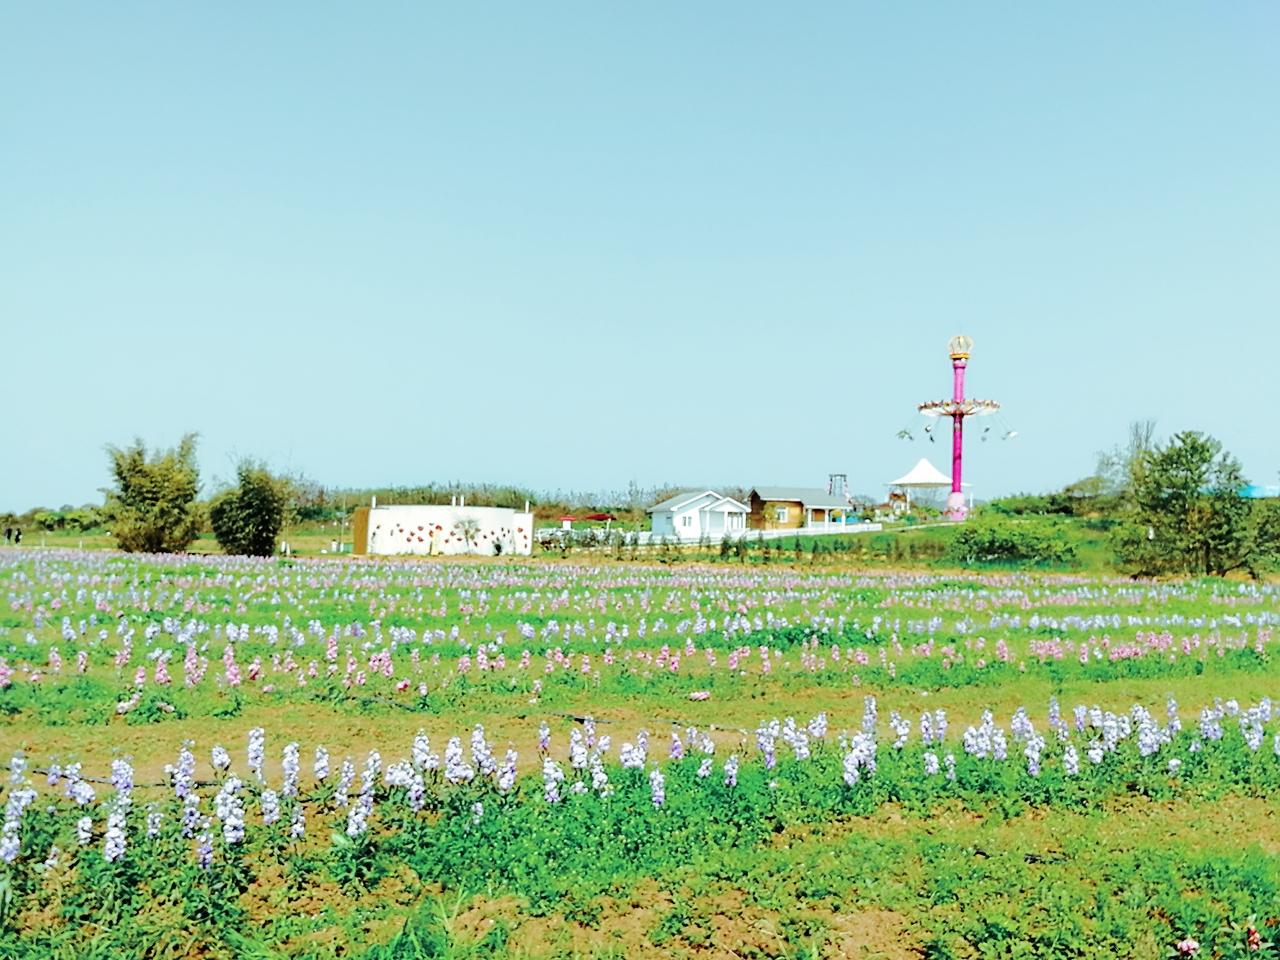 第二批全国乡村旅游重点村名单公示 四川23个乡村入选